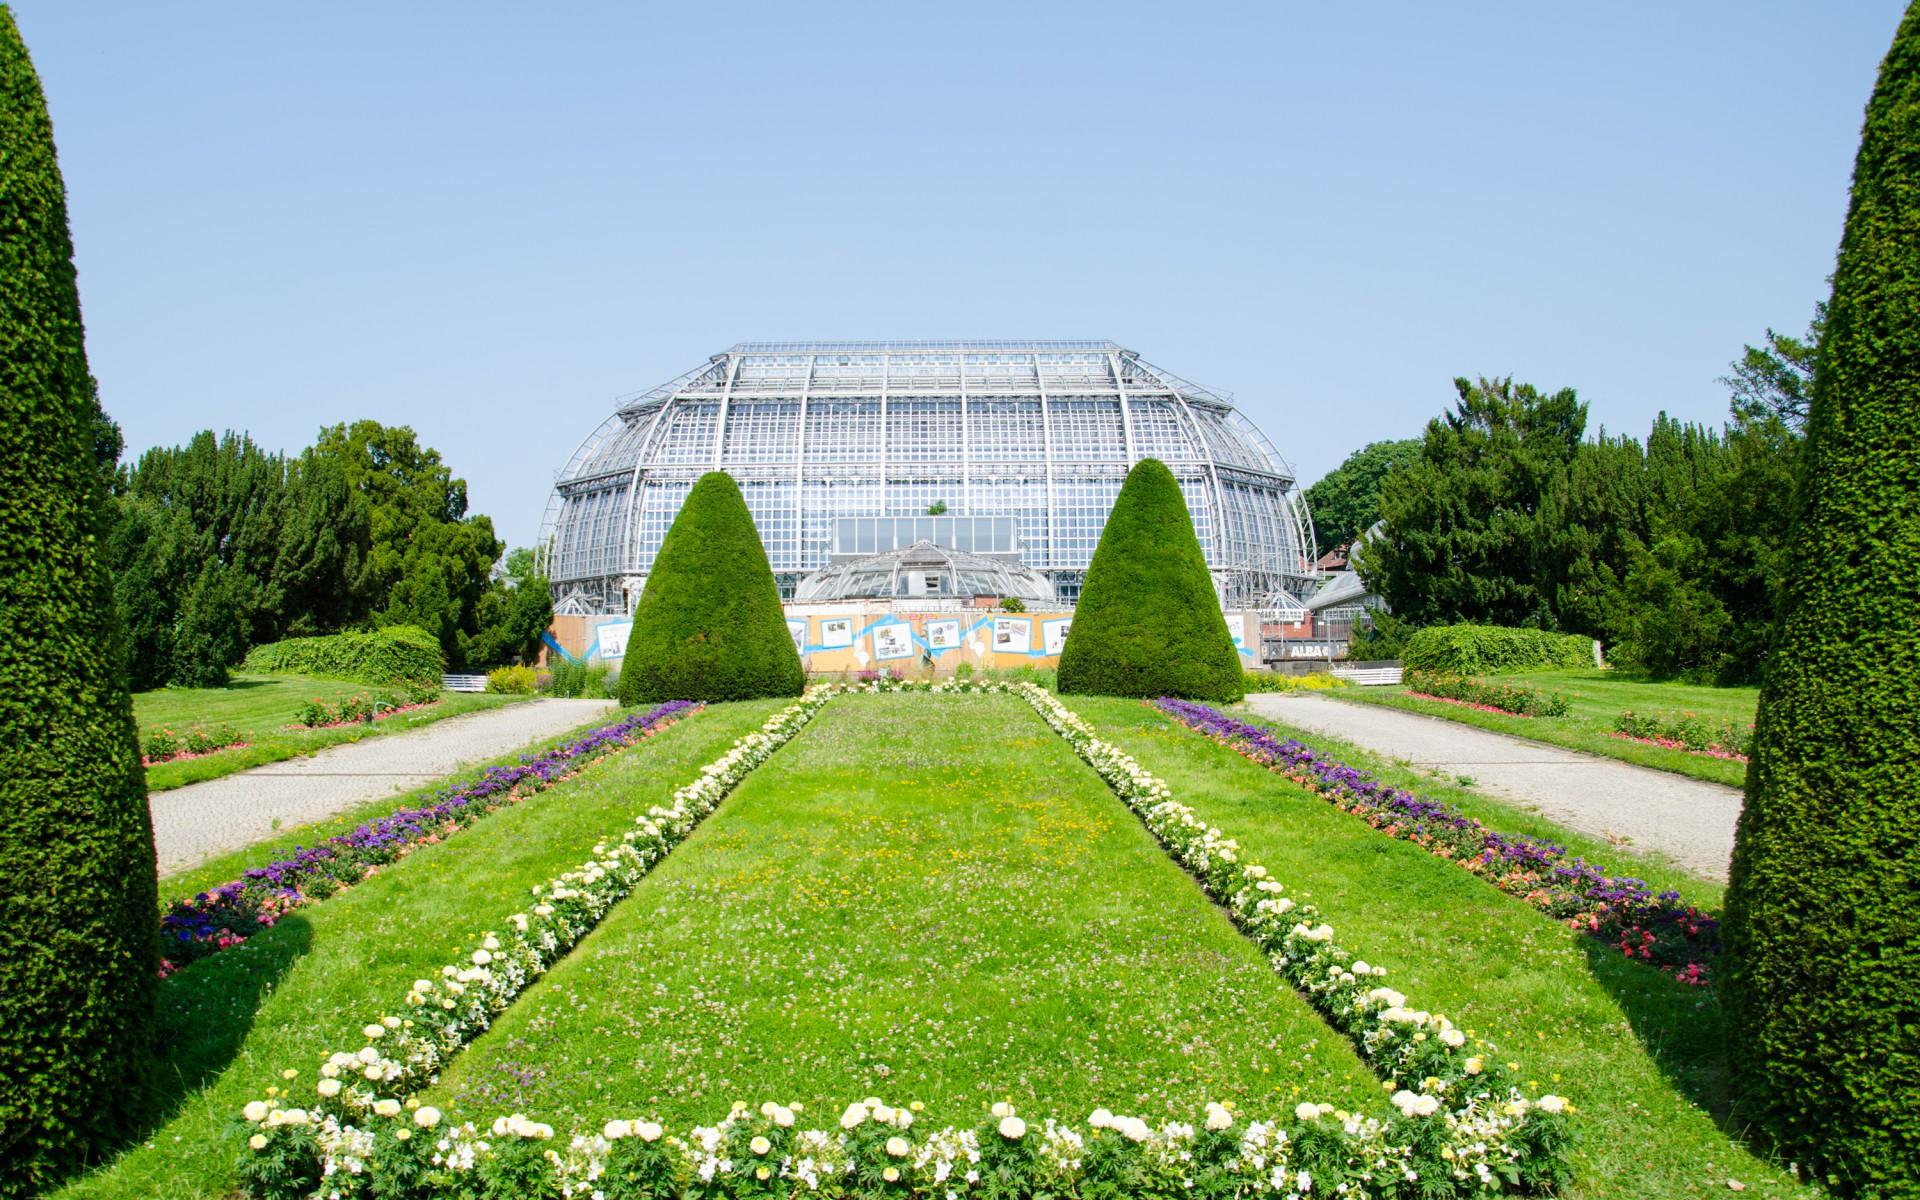 Botanische Gärten Garten Europa